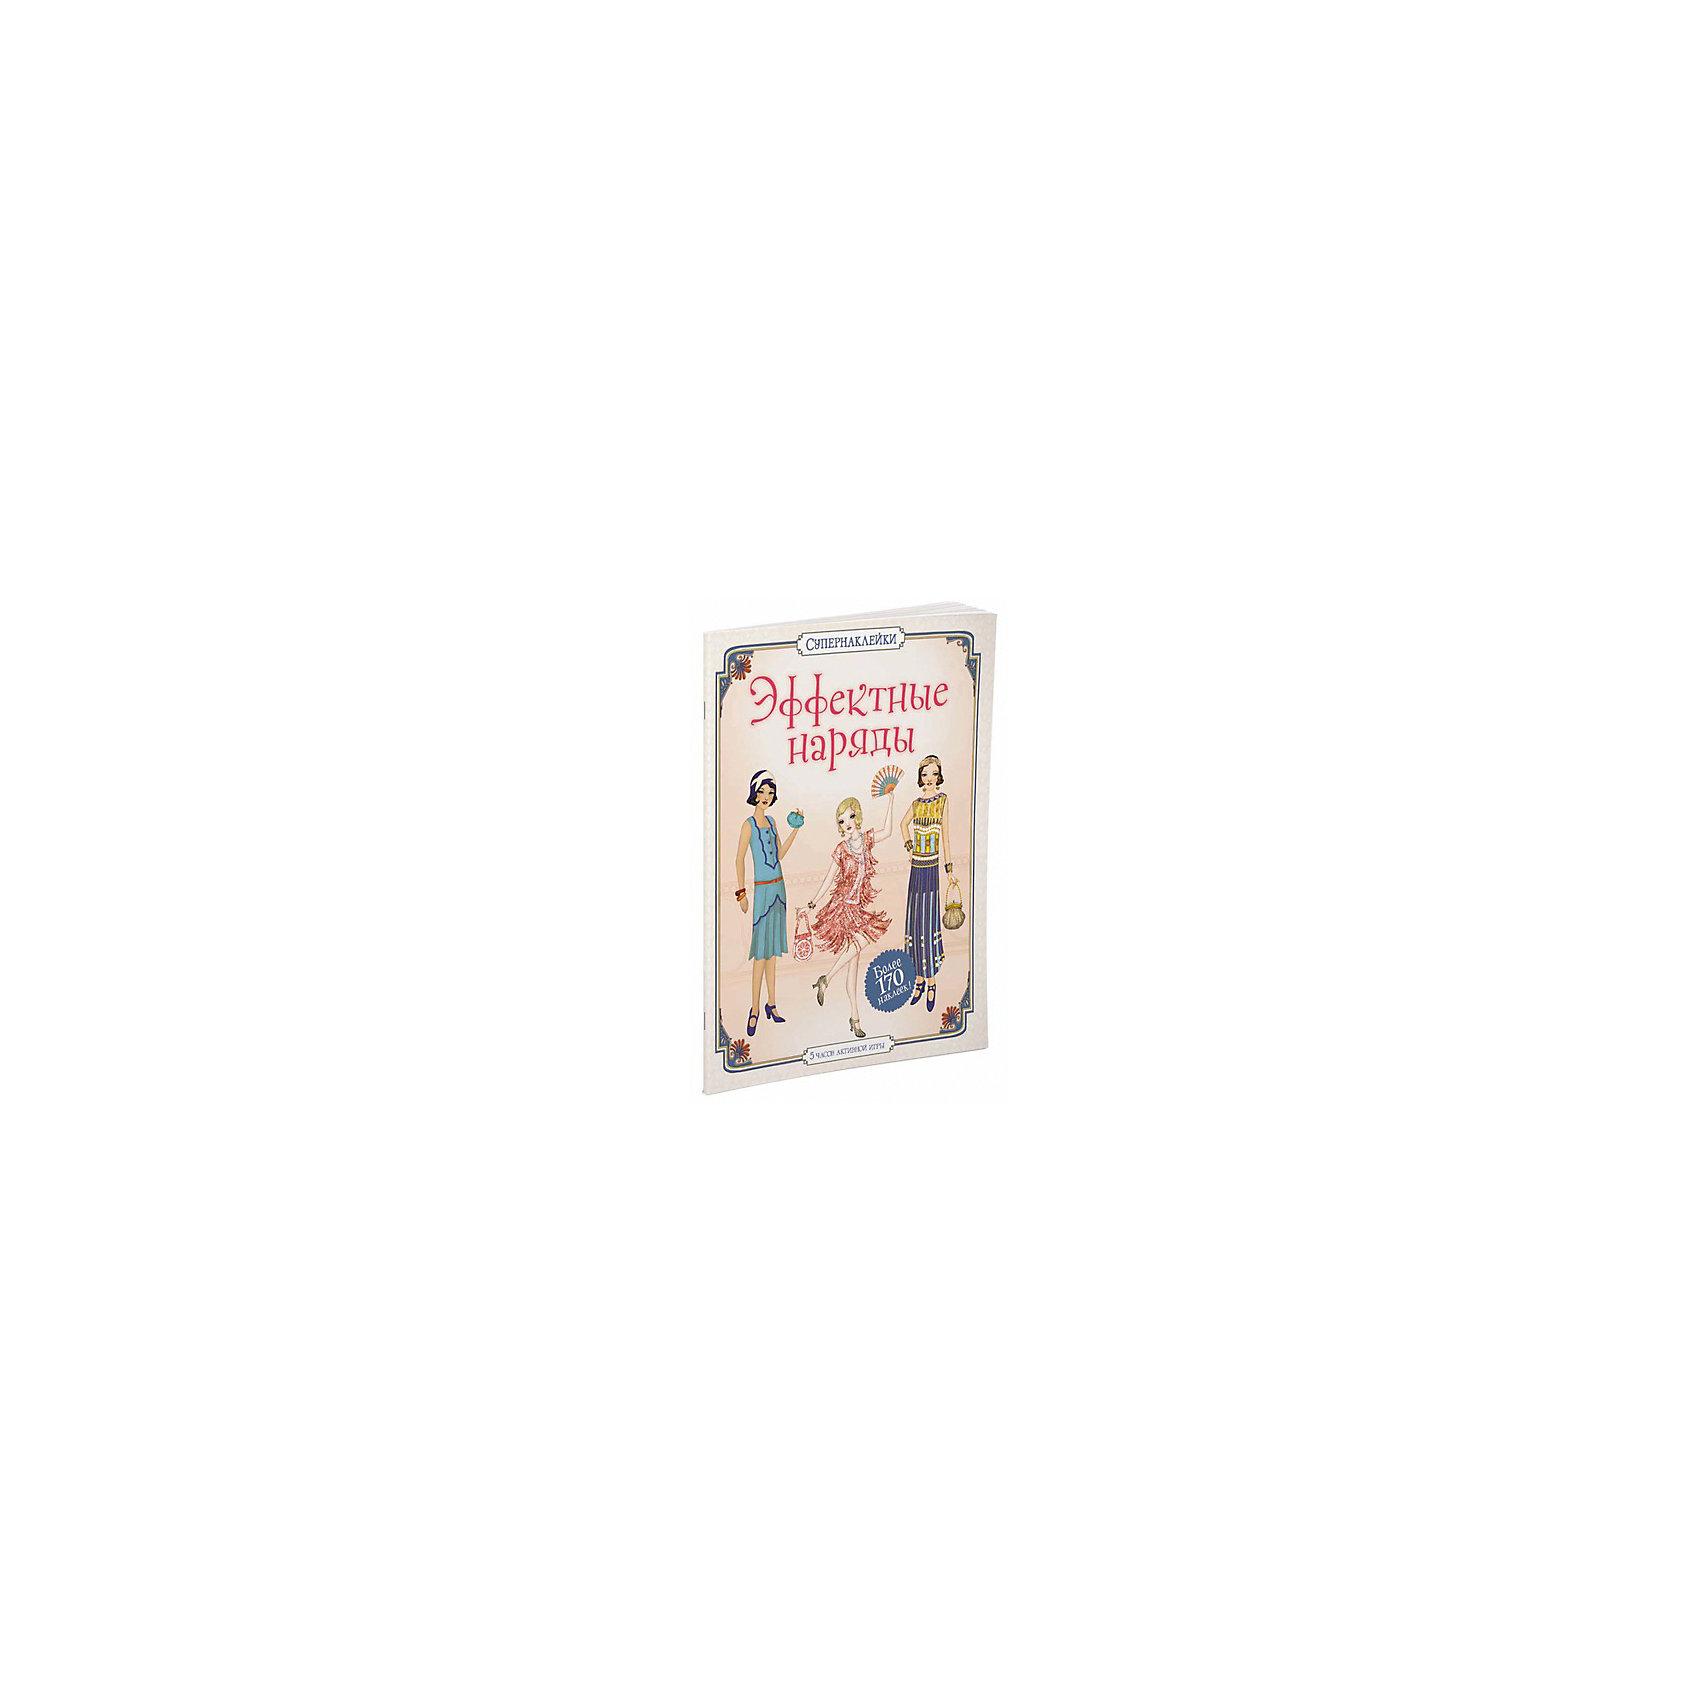 Наклейки Эффектные наряды, MACHAONКнижки с наклейками<br>Книжка с наклейками Эффектные наряды.<br><br>Характеристики:<br><br>• Автор: Боун Эмили<br>• Иллюстратор: Бурси Симона<br>• Переводчик: М. Торчинская<br>• Издательство: Махаон, 2016 год<br>• Серия: Супернаклейки<br>• Тип обложки: мягкий переплет (крепление скрепкой или клеем)<br>• Оформление: с наклейками (более 170 наклеек)<br>• Иллюстрации: цветные<br>• Количество страниц: 24<br>• Размер: 305x240x4 мм.<br>• Вес: 303 гр.<br>• ISBN: 9785389095892<br><br>Эта книжка с наклейками расскажет тебе о том, как одевались модницы начала ХХ века! С помощью ярких наклеек создай незабываемые образы – от нарядов для вечеринки в восточном стиле и роскошных танцевальных платьев до спортивной одежды и костюмов для морского круиза. Читаем и играем! Развиваем внимание, воображение, мелкую моторику и художественный вкус.<br><br>Книжку с наклейками Эффектные наряды можно купить в нашем интернет-магазине.<br><br>Ширина мм: 305<br>Глубина мм: 240<br>Высота мм: 40<br>Вес г: 303<br>Возраст от месяцев: 12<br>Возраст до месяцев: 36<br>Пол: Женский<br>Возраст: Детский<br>SKU: 5493468